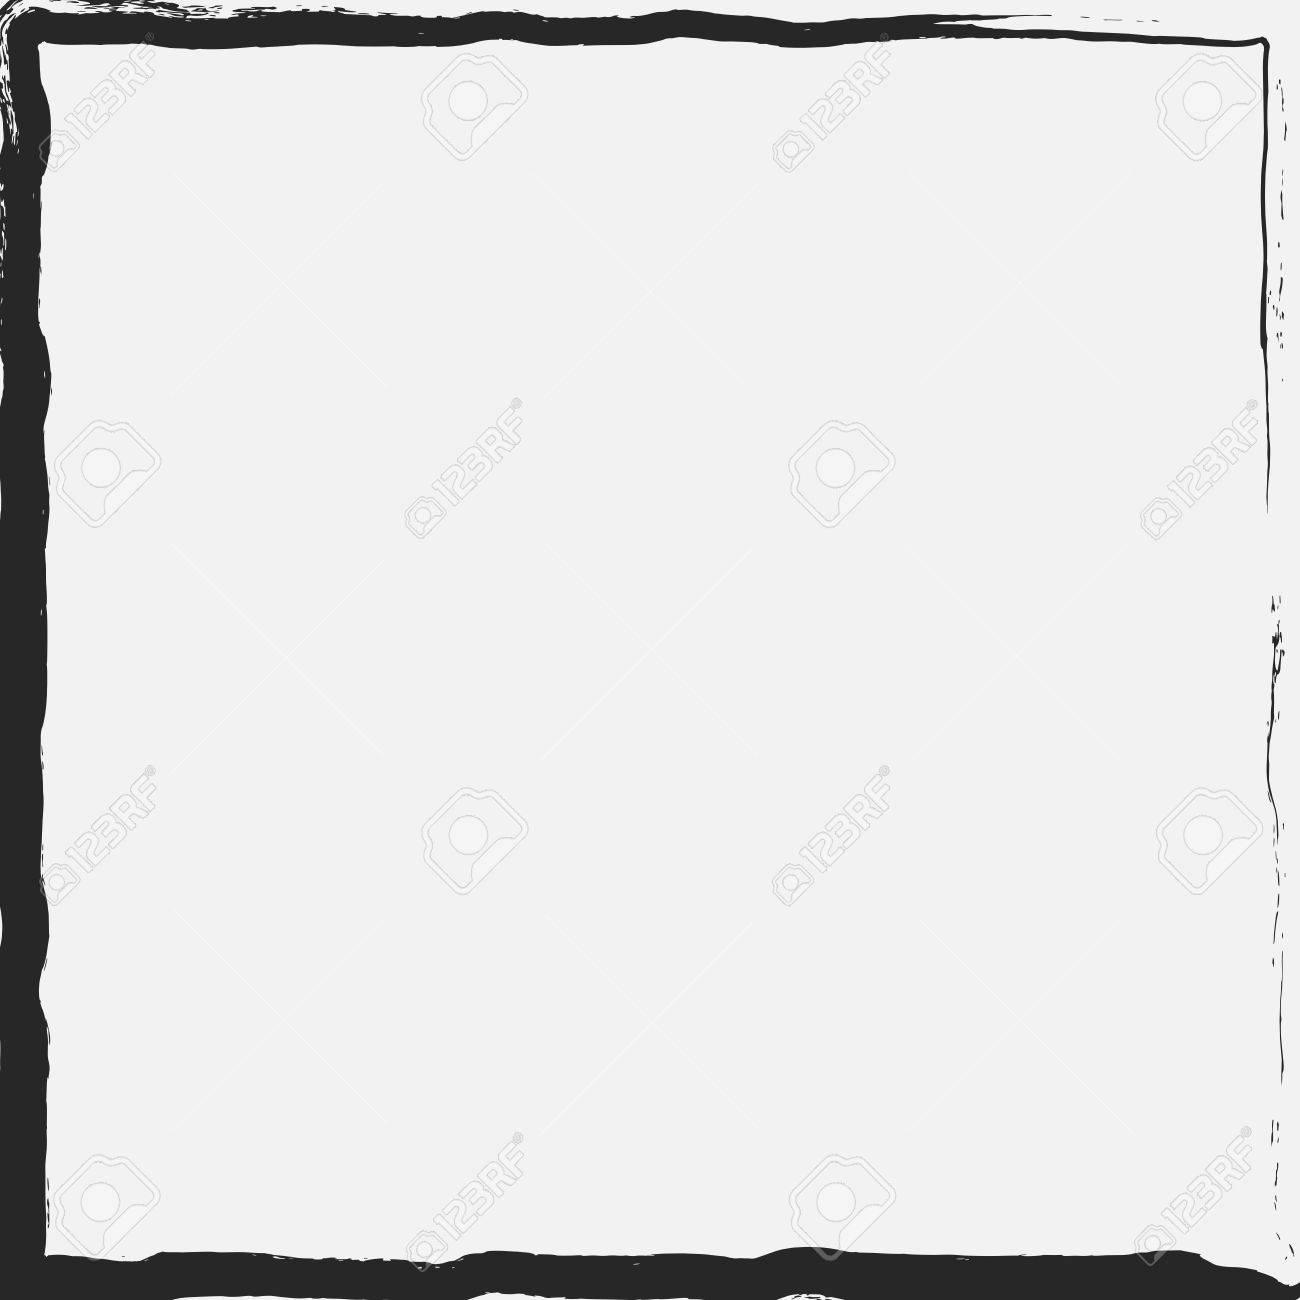 Grunge Textura Marco Para Su Diseño. Vector EPS10. Ilustraciones ...